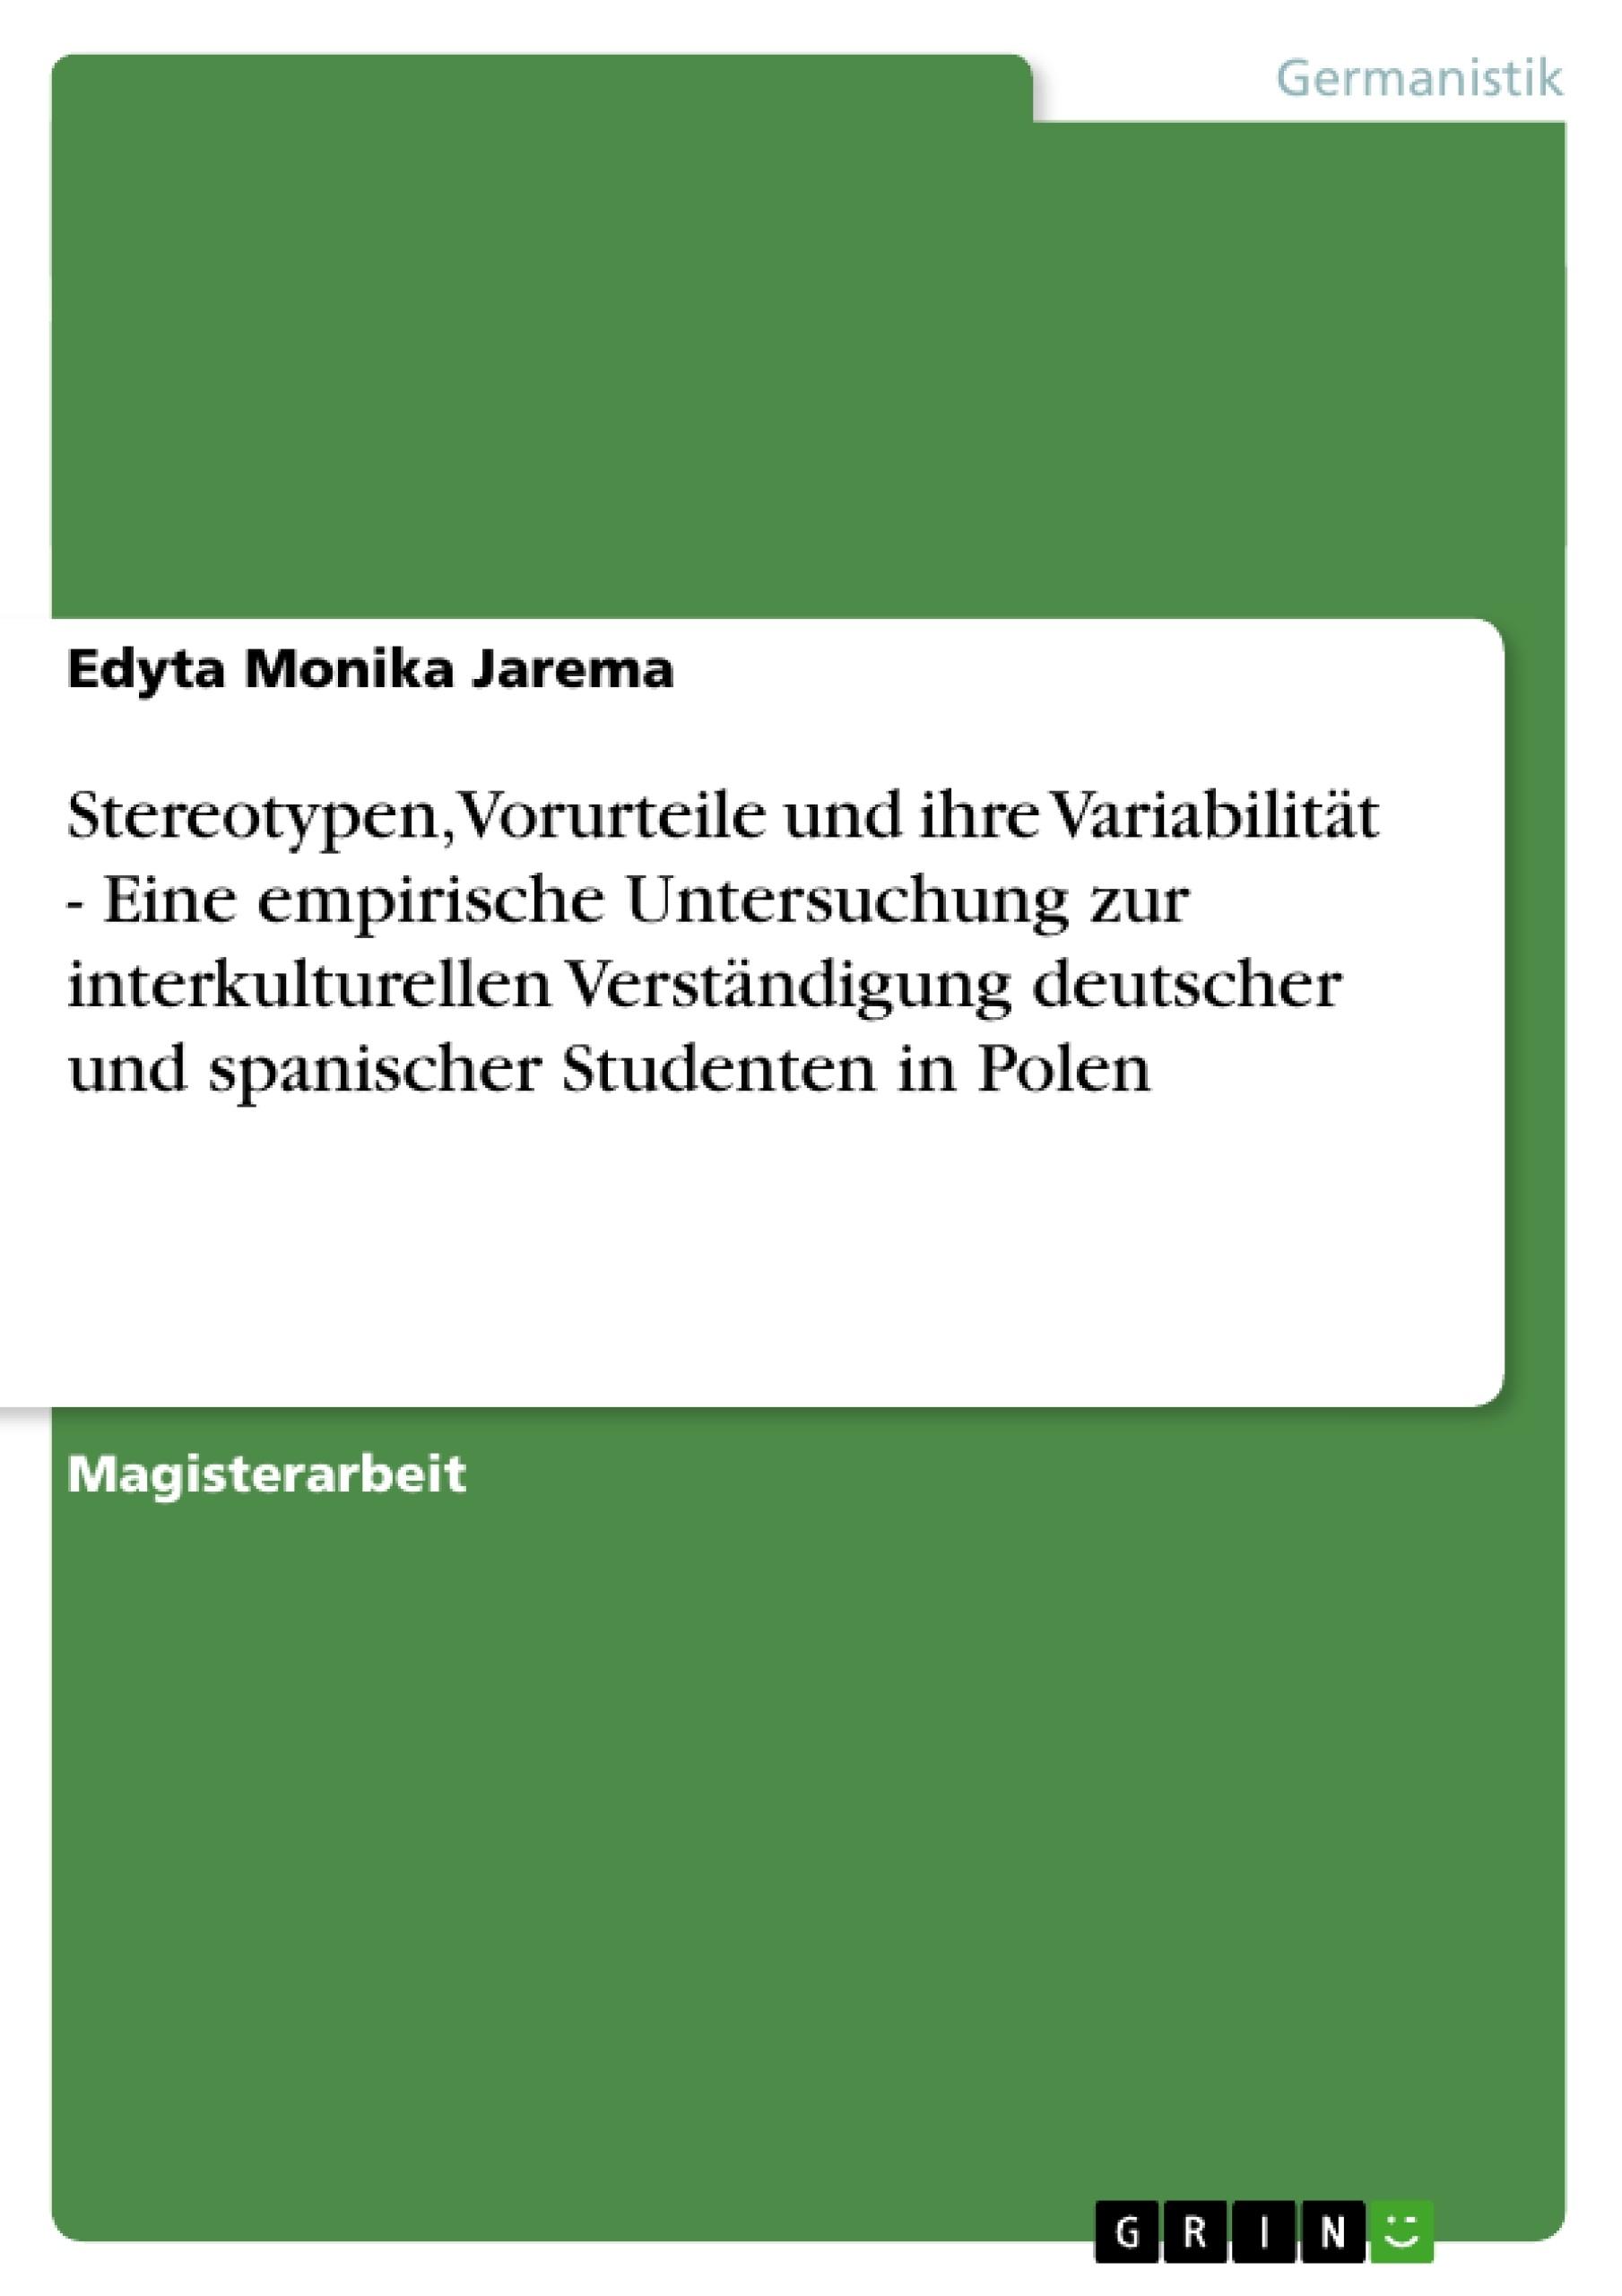 Titel: Stereotypen, Vorurteile und ihre Variabilität - Eine empirische Untersuchung zur interkulturellen Verständigung deutscher und spanischer Studenten in Polen